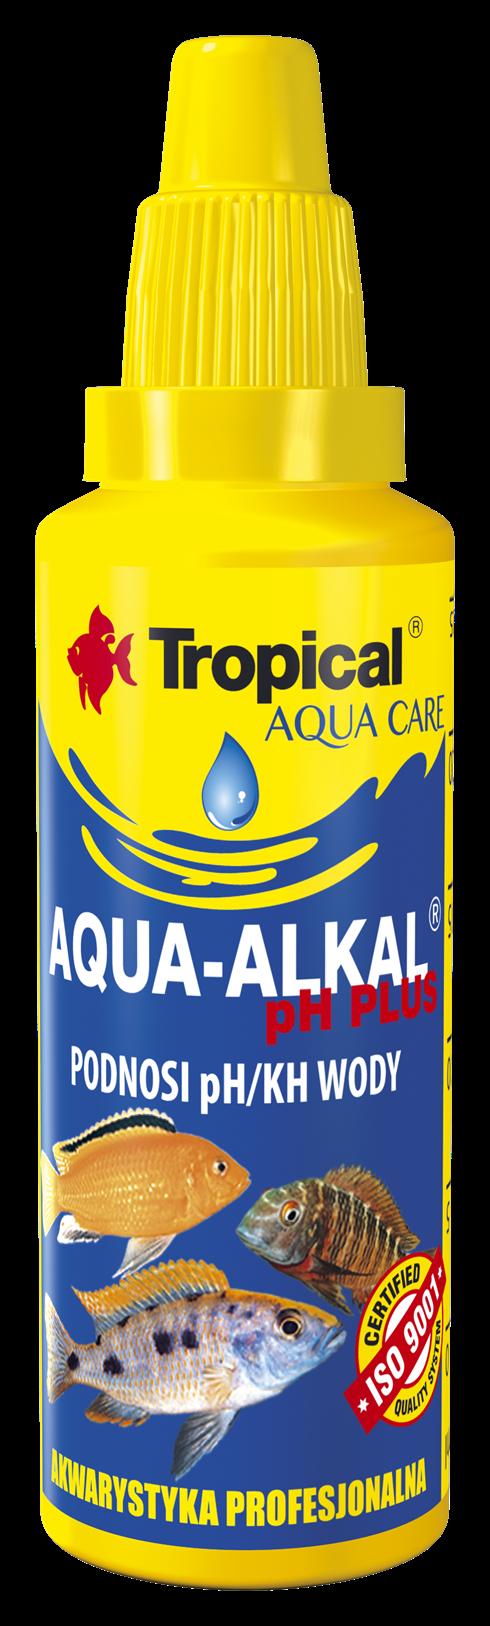 Aqua-Alkal pH Plus